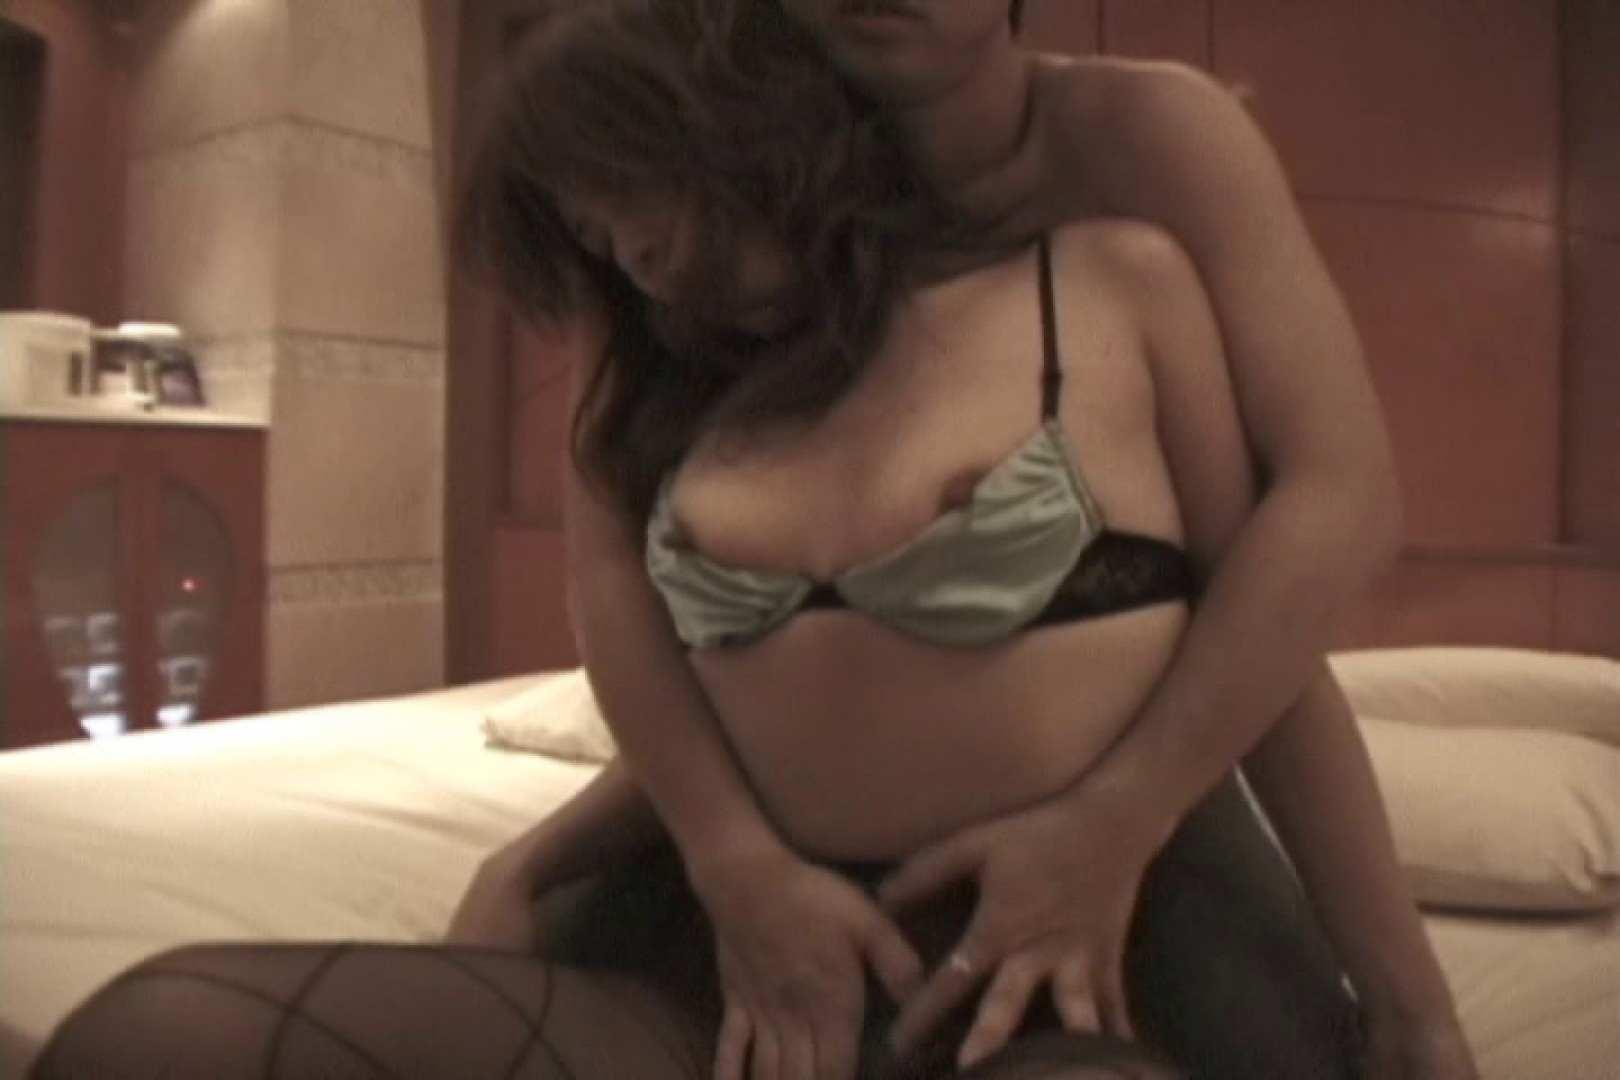 敏感な私の体を好きにして~川田さやか~ 乳首 覗きおまんこ画像 99pic 71